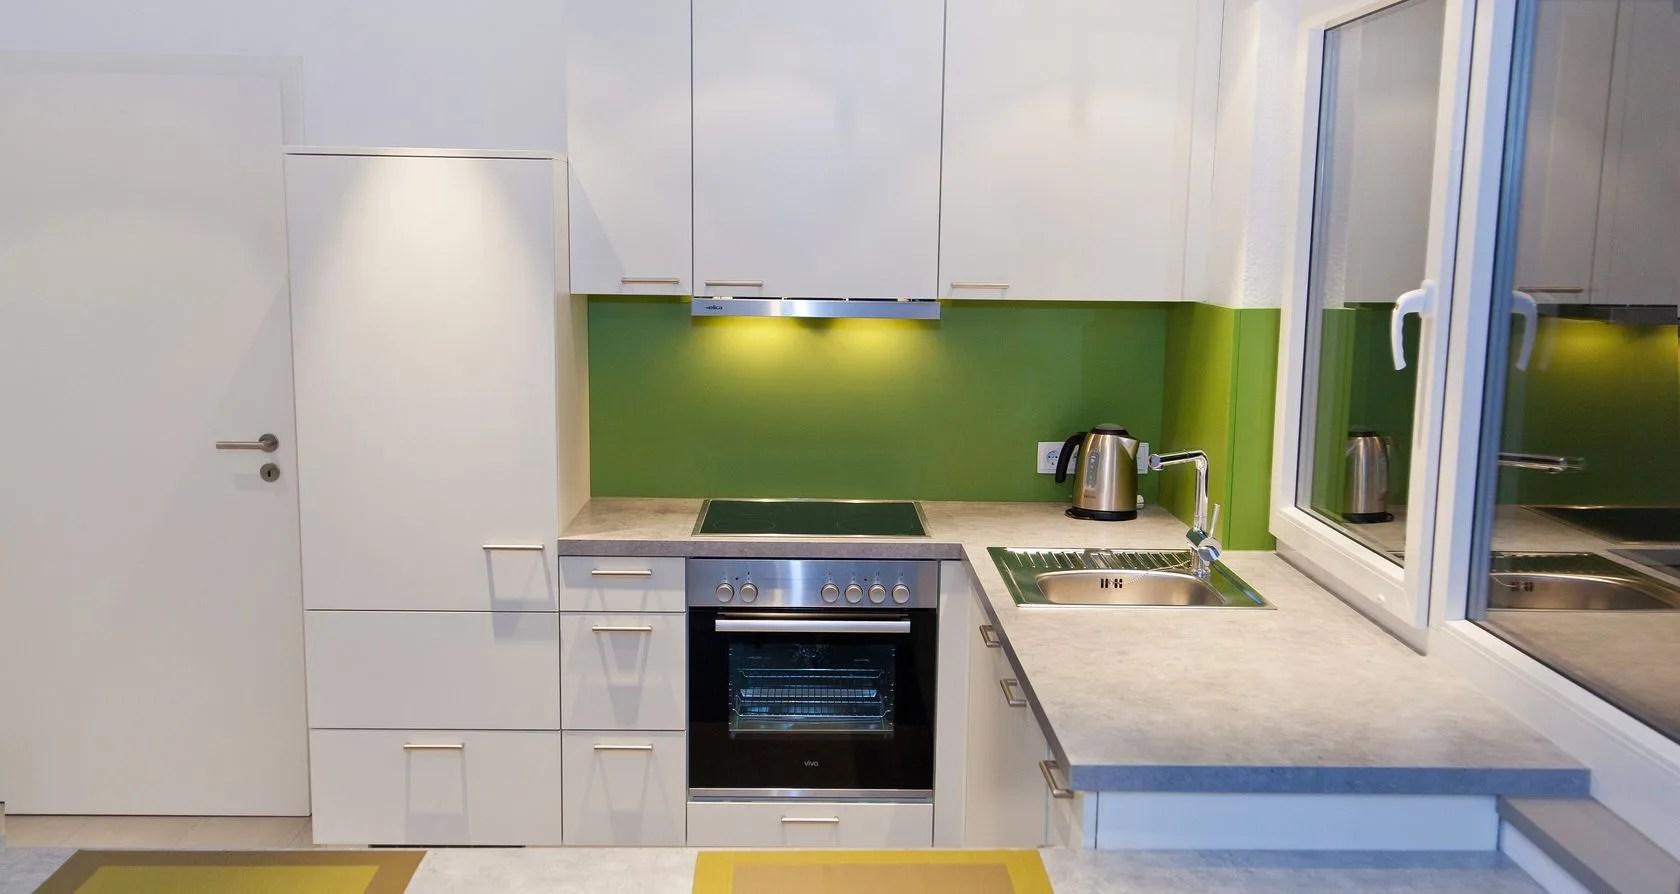 Gunstige Kuchen Koln Gunstige Gefrierschrank Haus Und Design